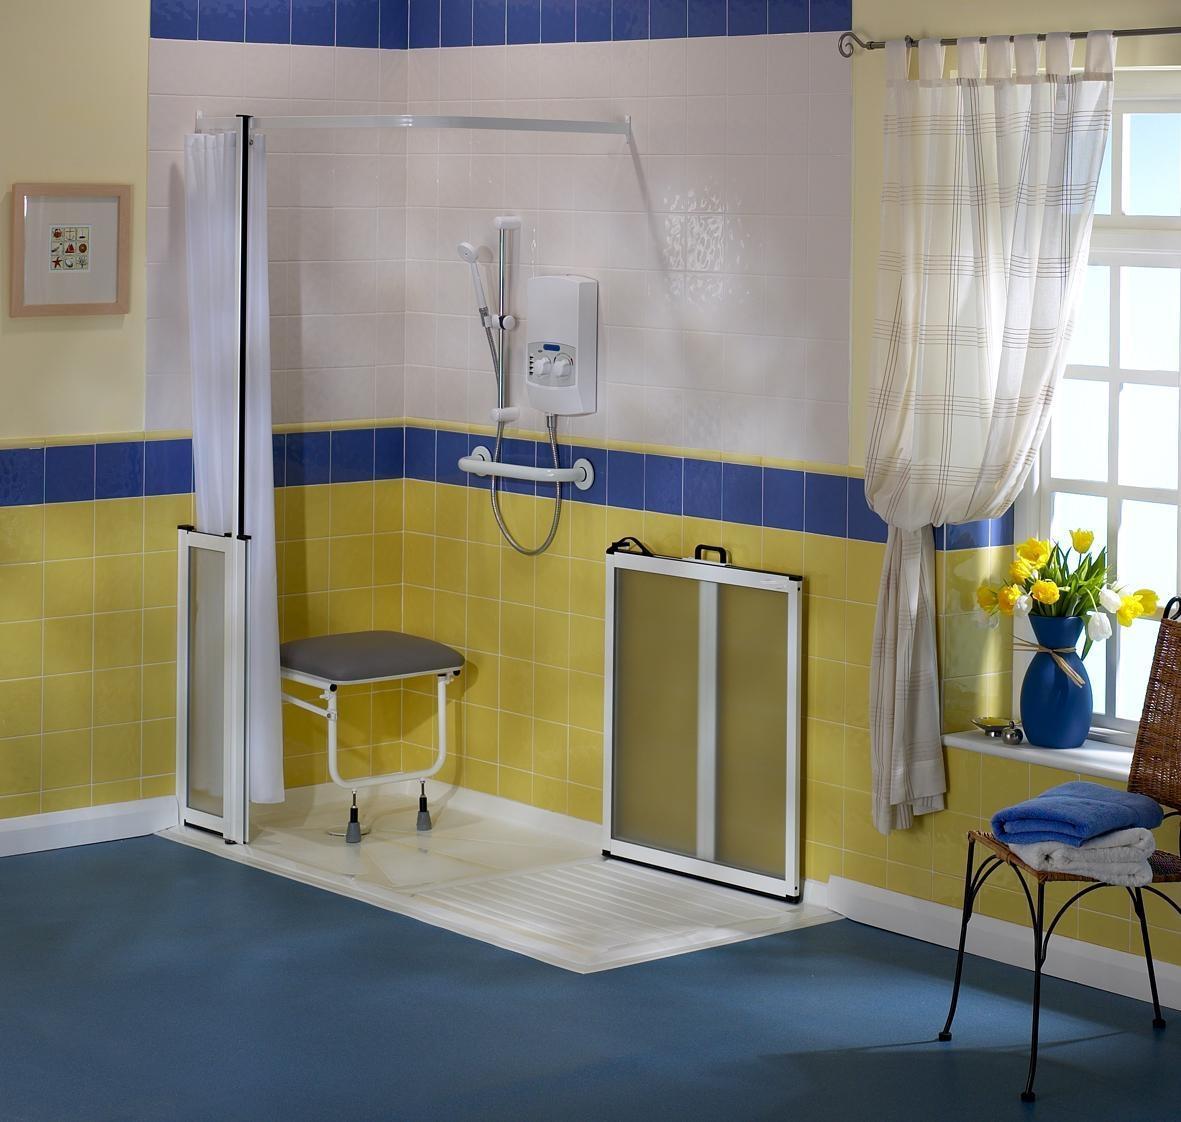 Docce per anziani e disabili sostituzione vasca in doccia - Sedia da bagno per disabili ...